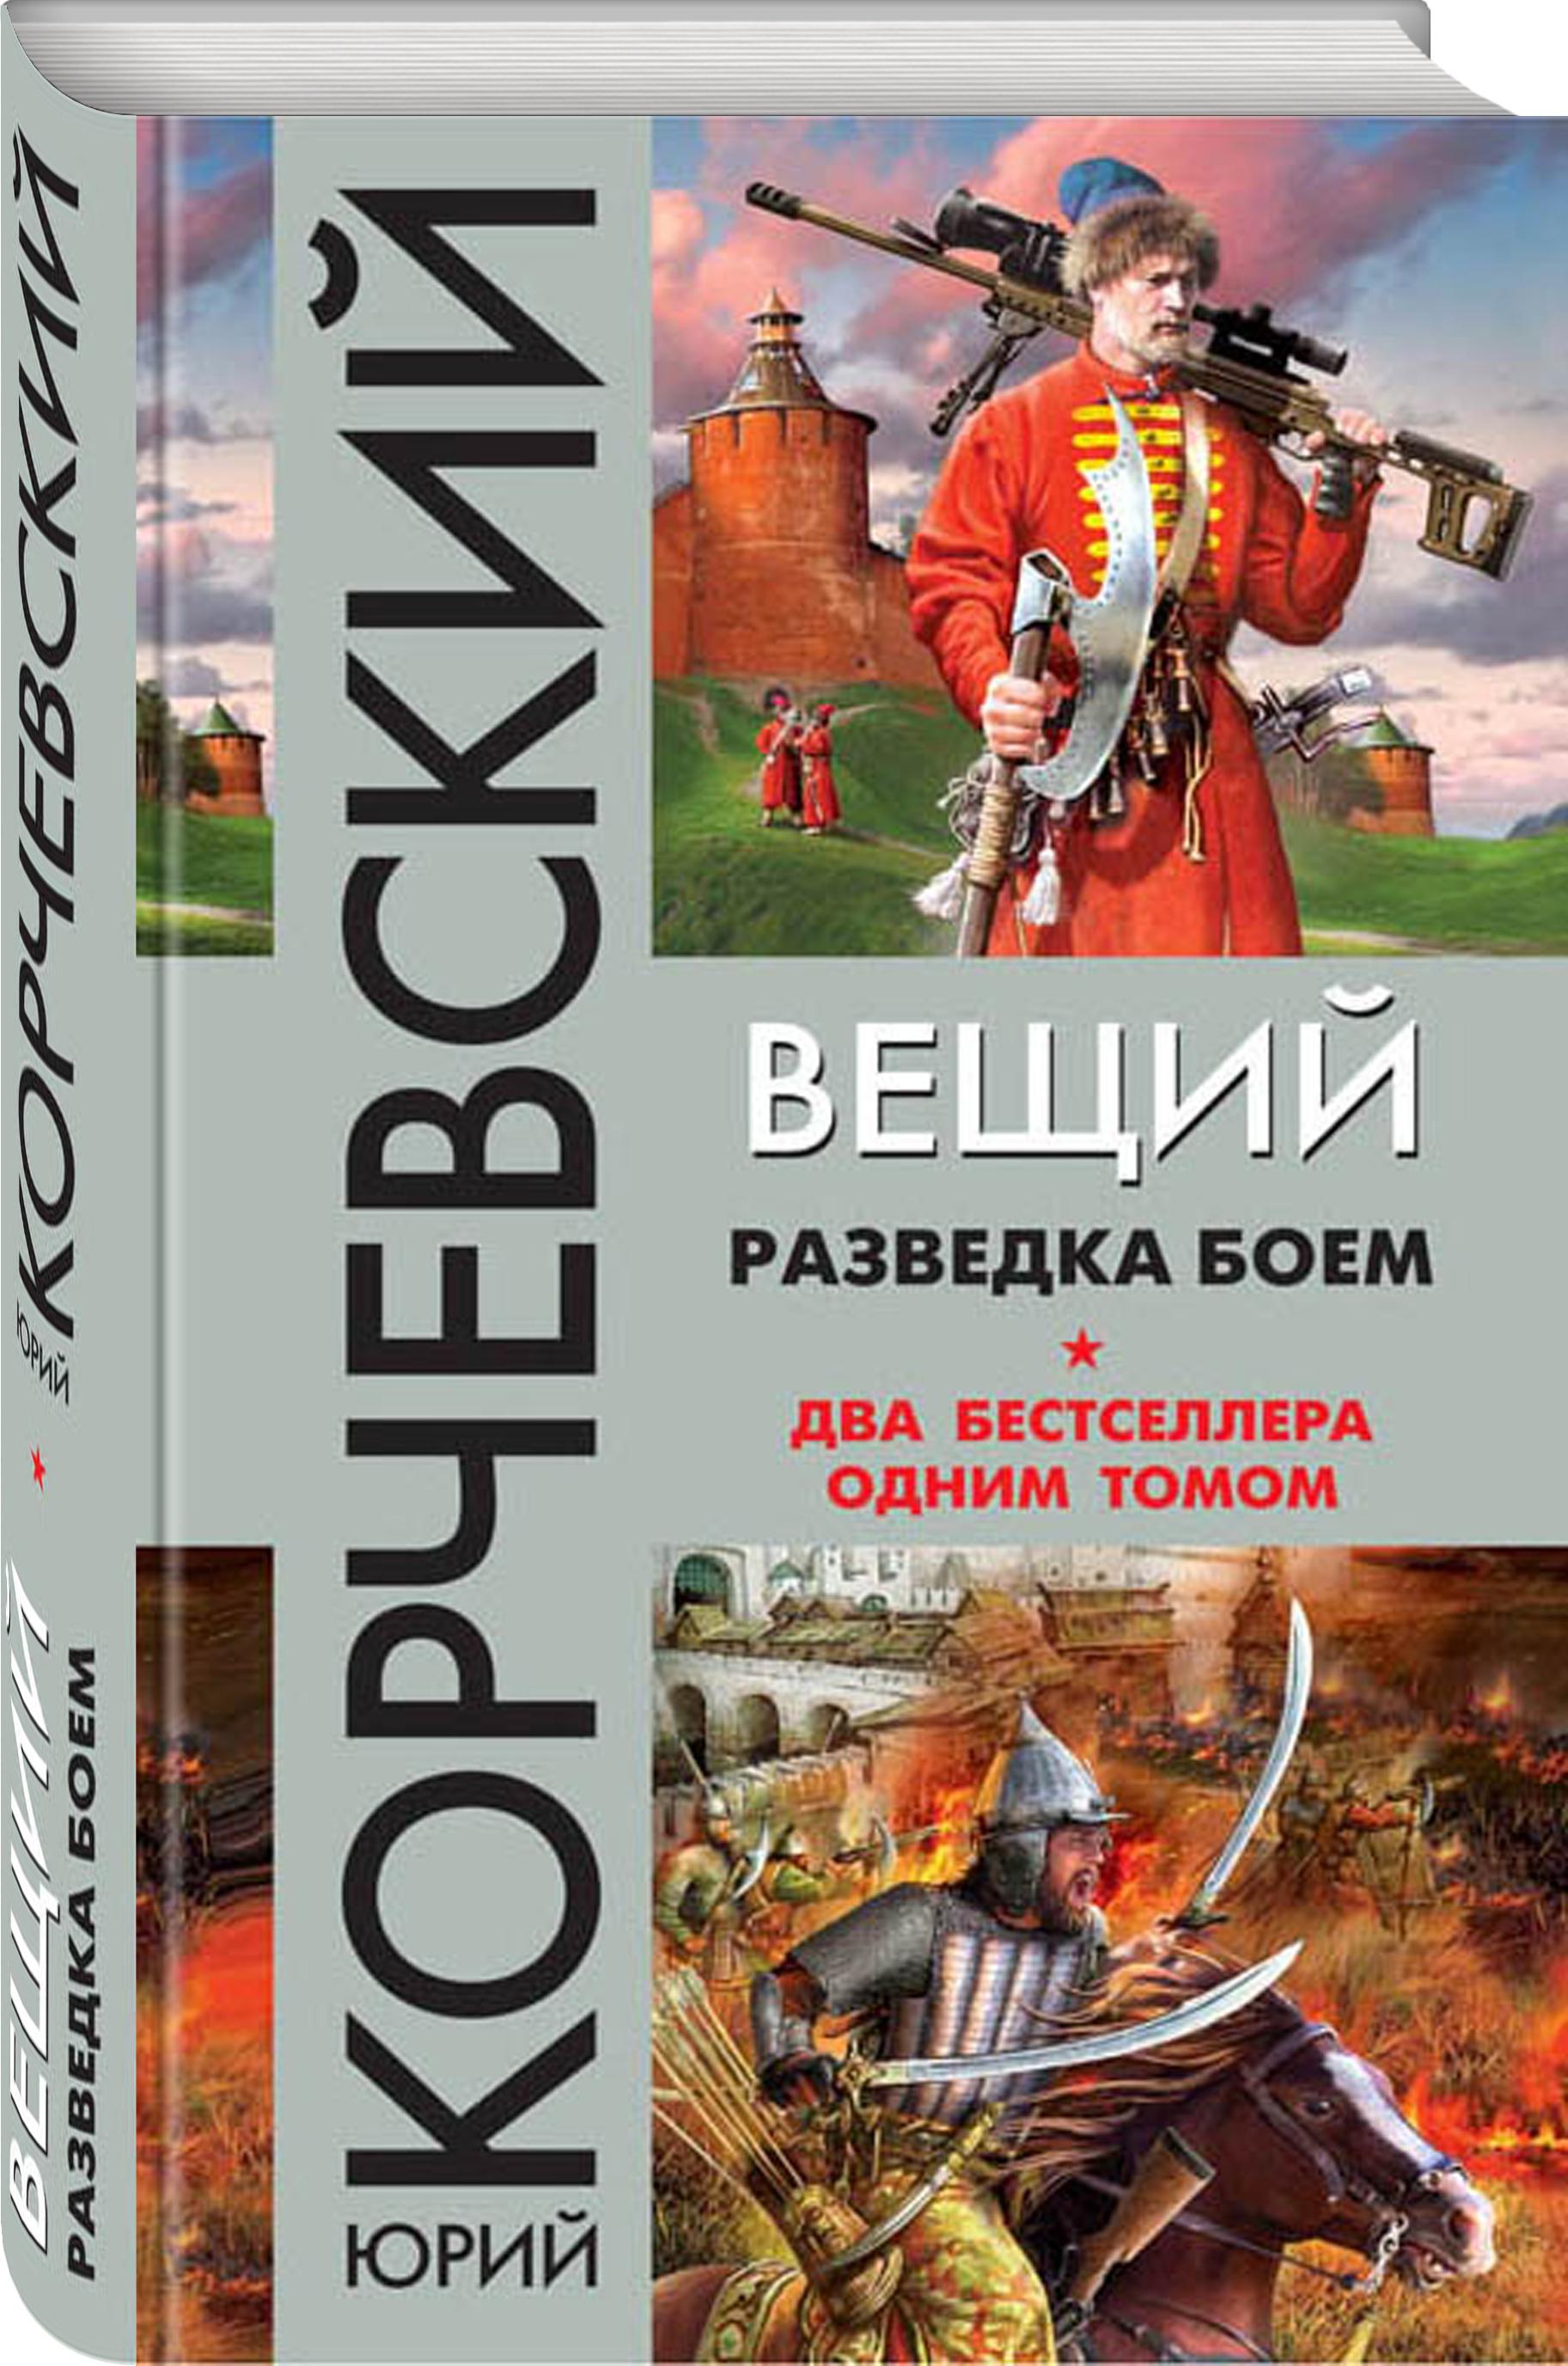 Корчевский Ю.Г. Вещий. Разведка боем ISBN: 978-5-04-090449-5 эксмо вещий разведка боем